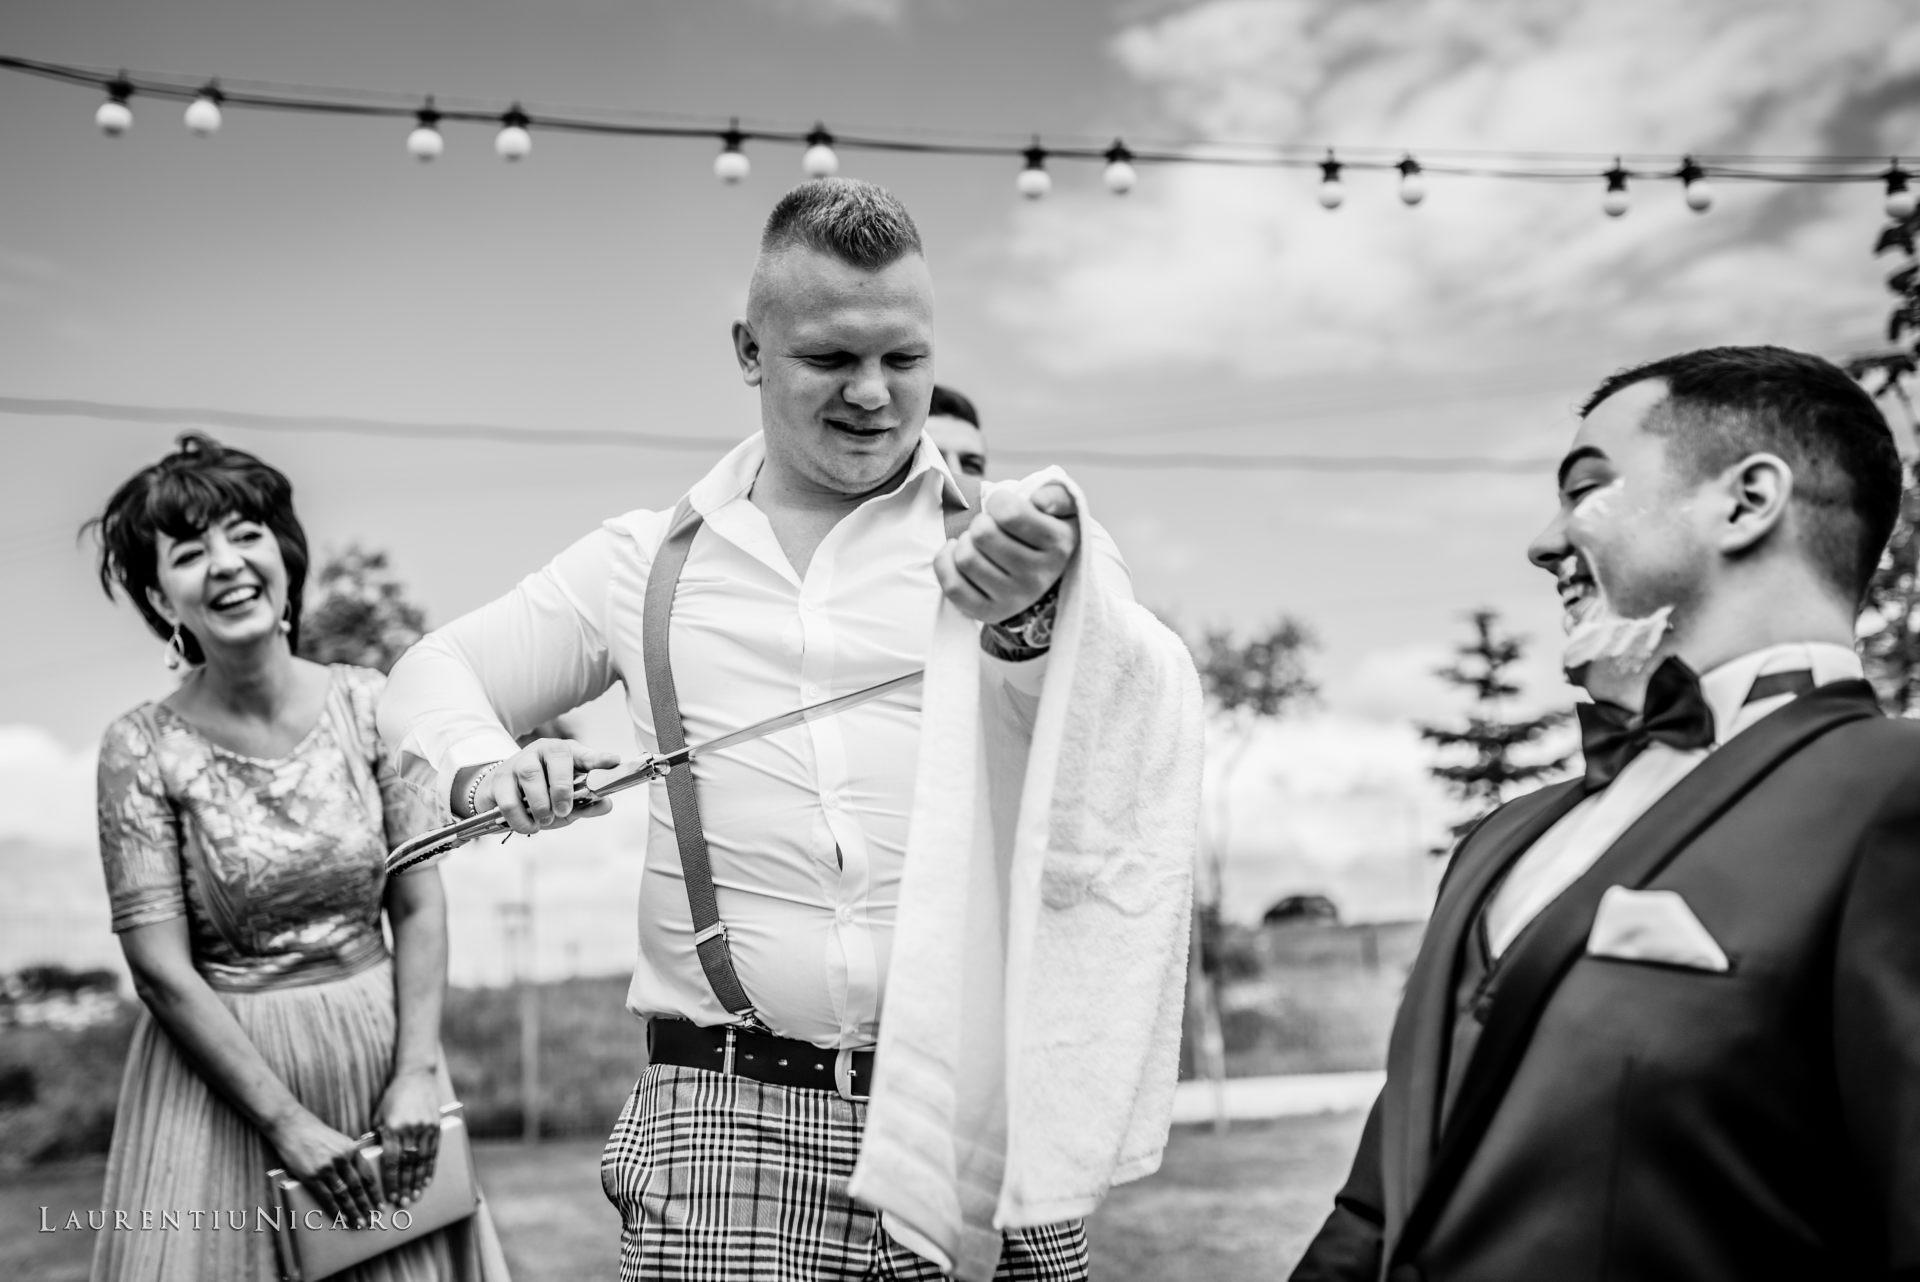 denisa si catalin fotograf nunta laurentiu nica craiova 23 - Denisa si Catalin | Fotografii nunta | Craiova